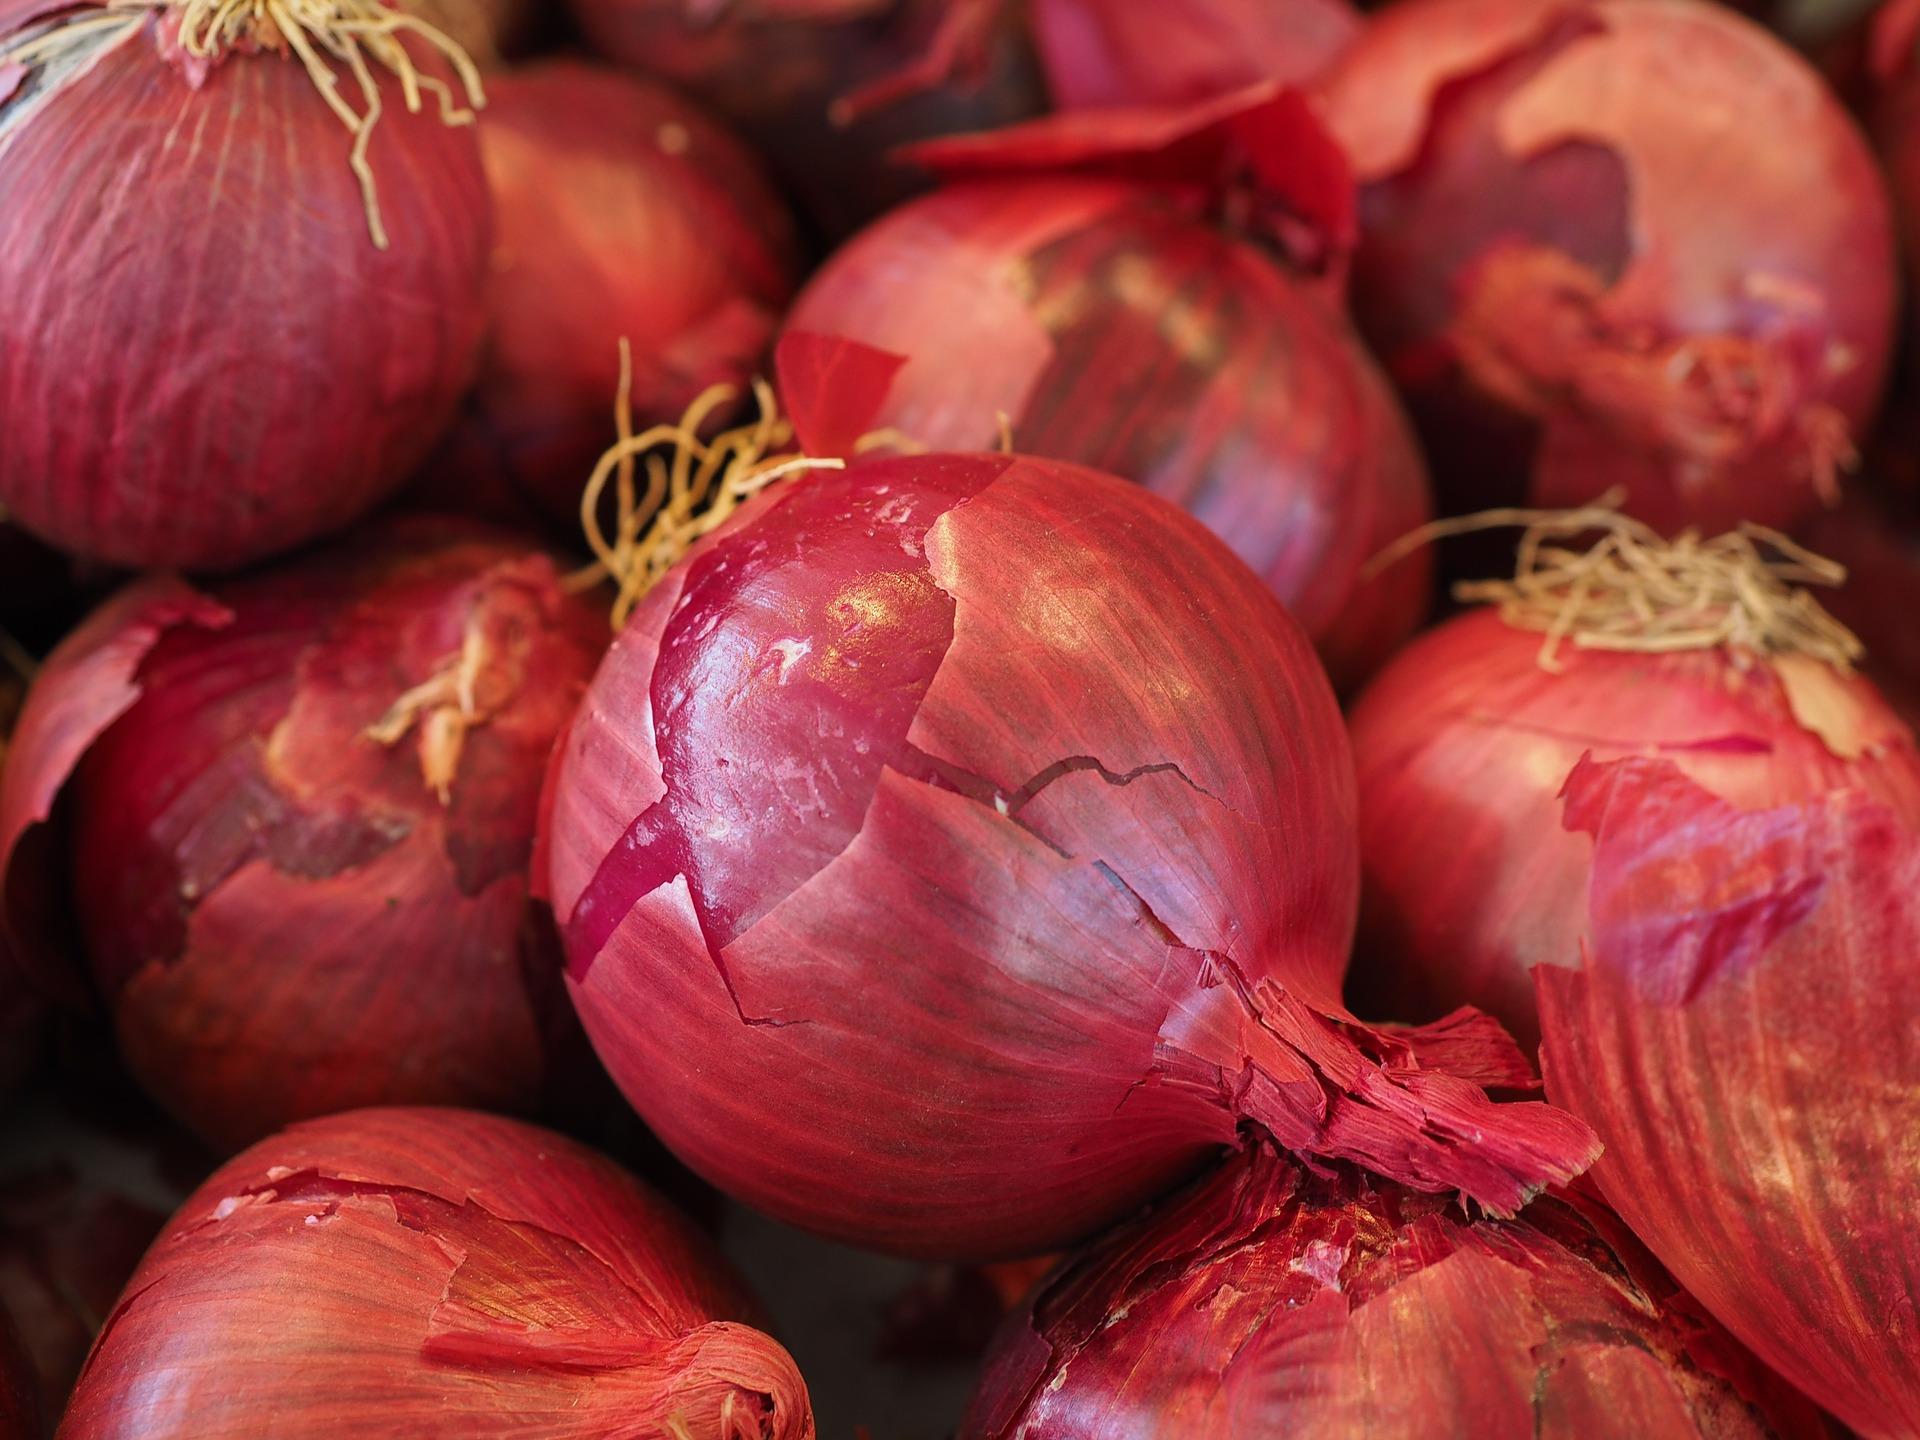 Ketahui Manfaat Bawang Merah yang Penting Bagi Kesehatan